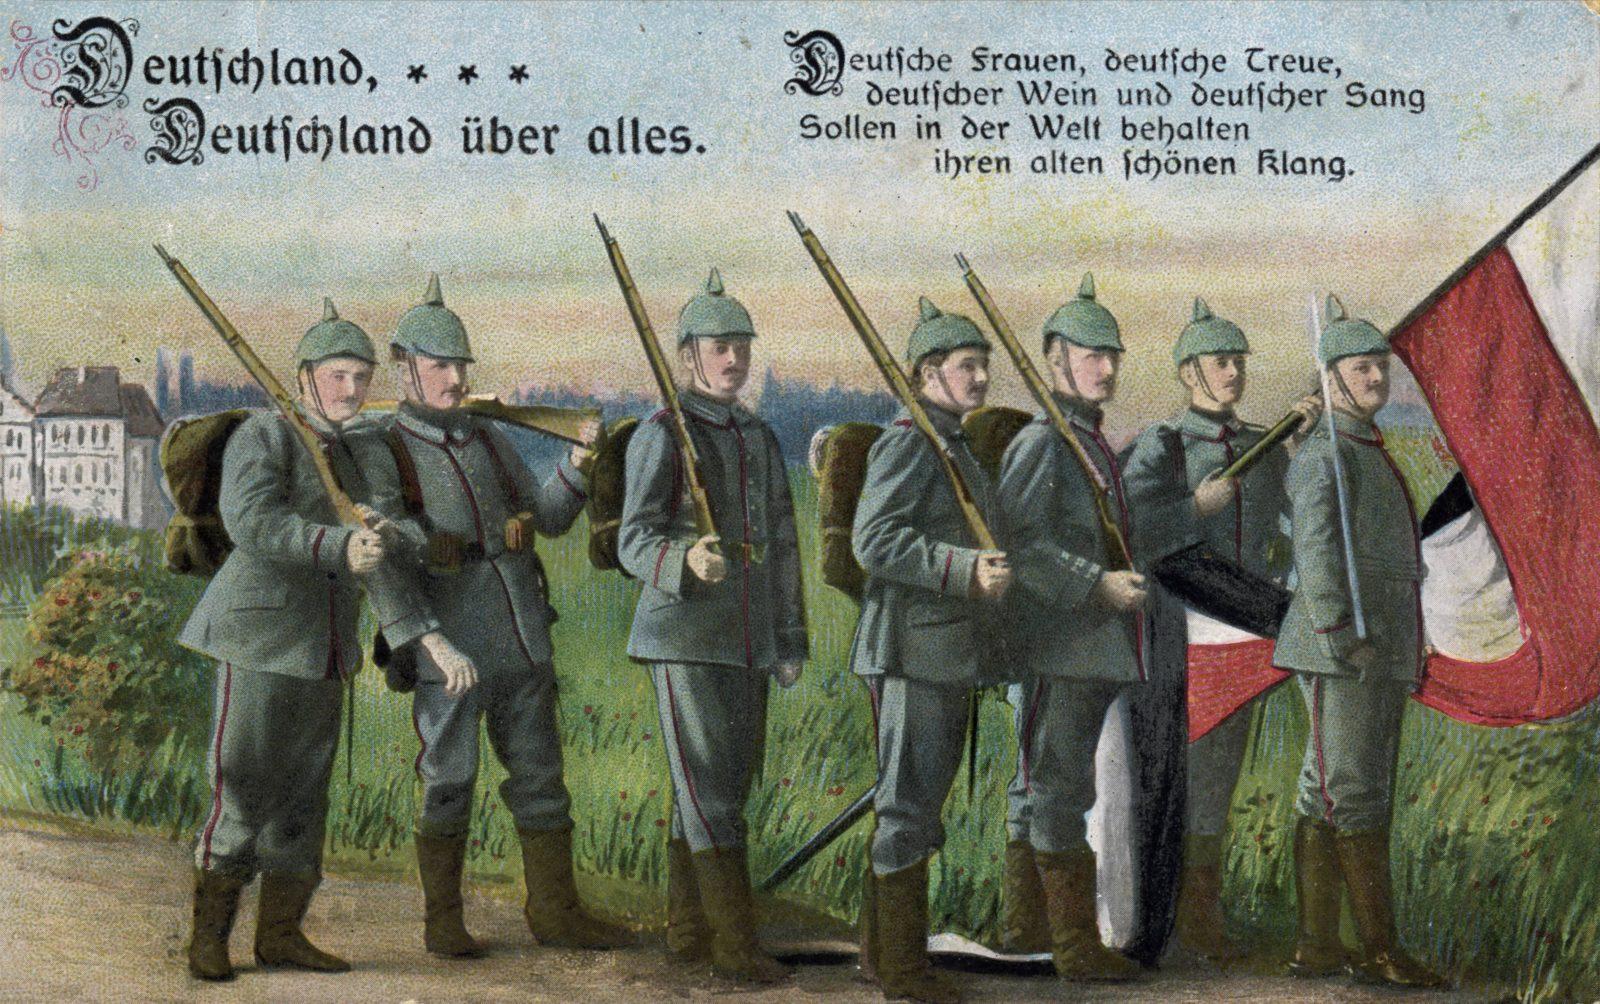 Deutsche Propagandapostkarte aus dem Ersten Weltkrieg: Das Klischee vom Militärstaat trügt Foto: picture alliance / akg-images | akg-images